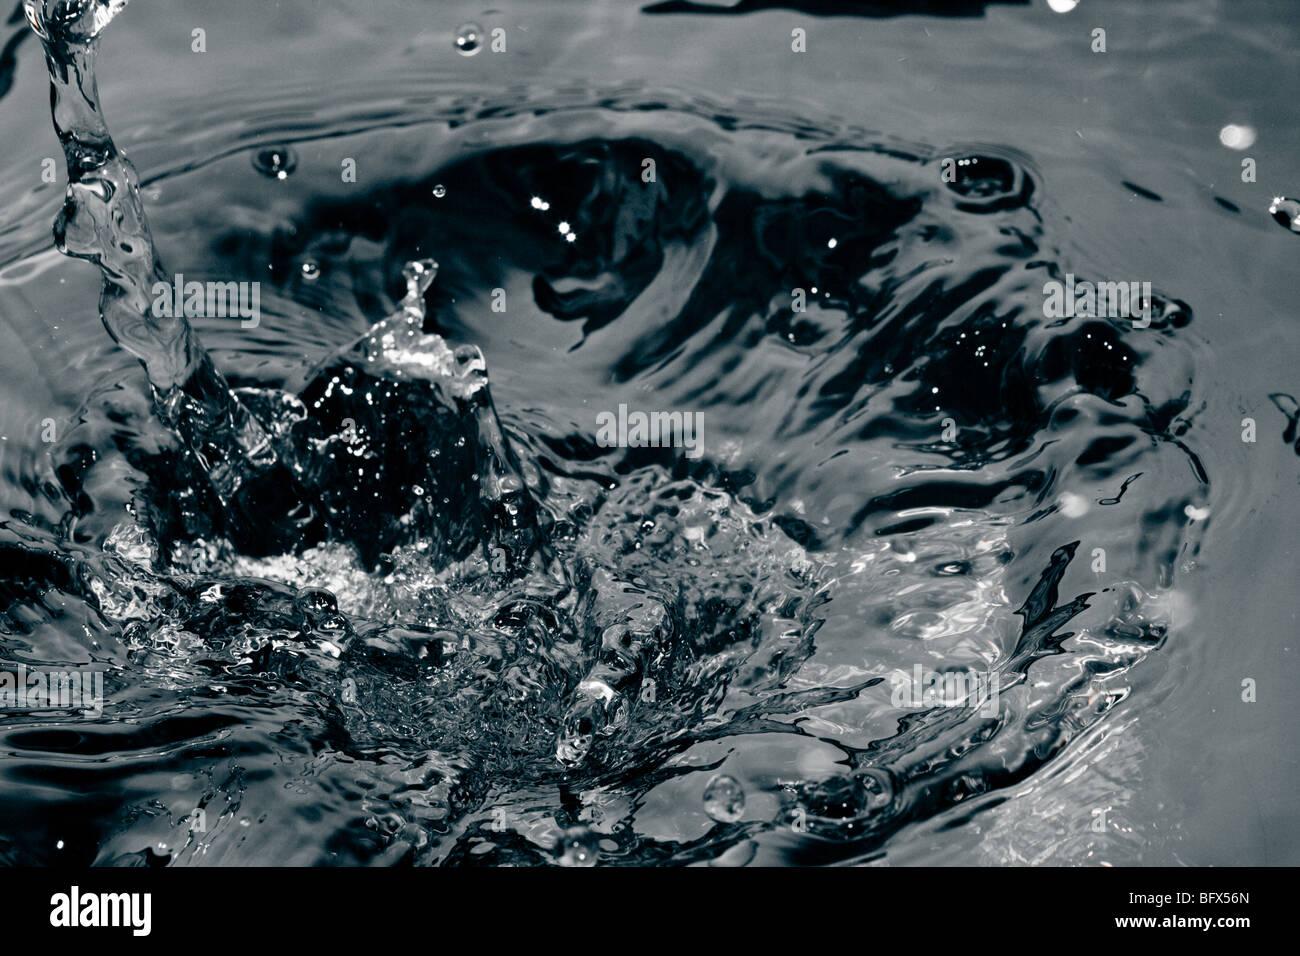 Wasser Welle Wellen Einfrieren Bewegung Kreis Spritzen Stockbild